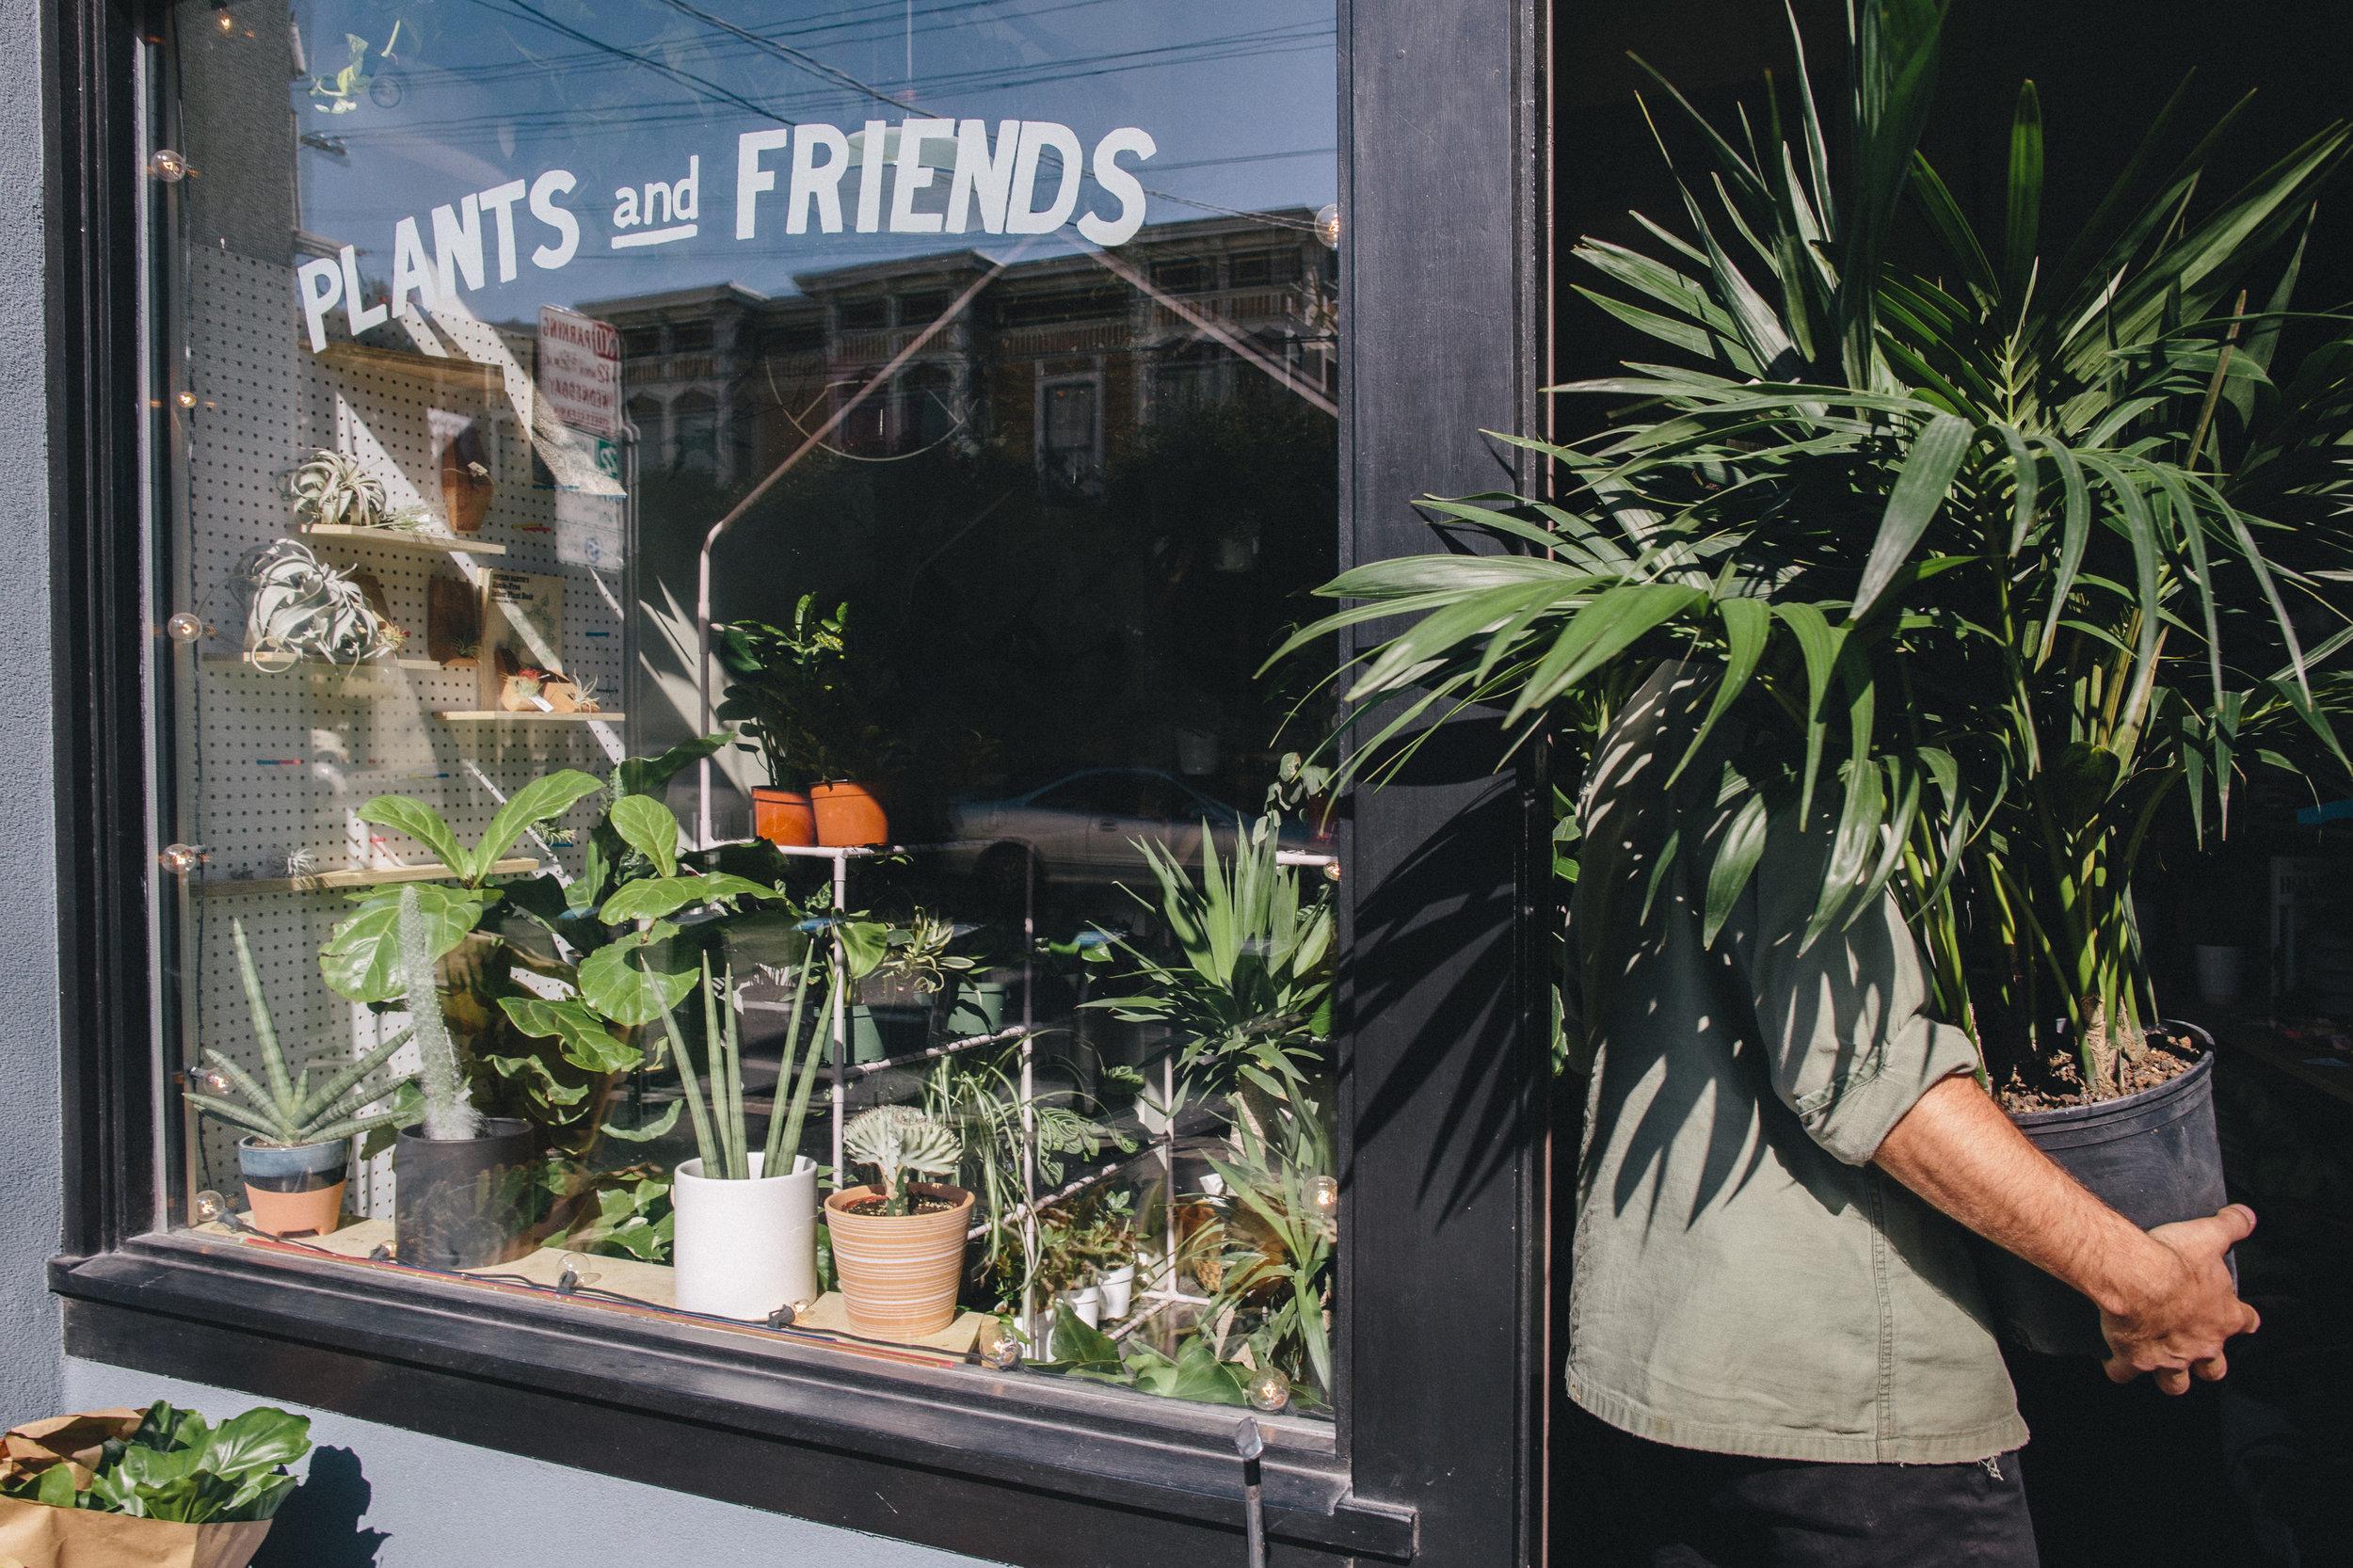 PlantsandFriends2018-72.JPG